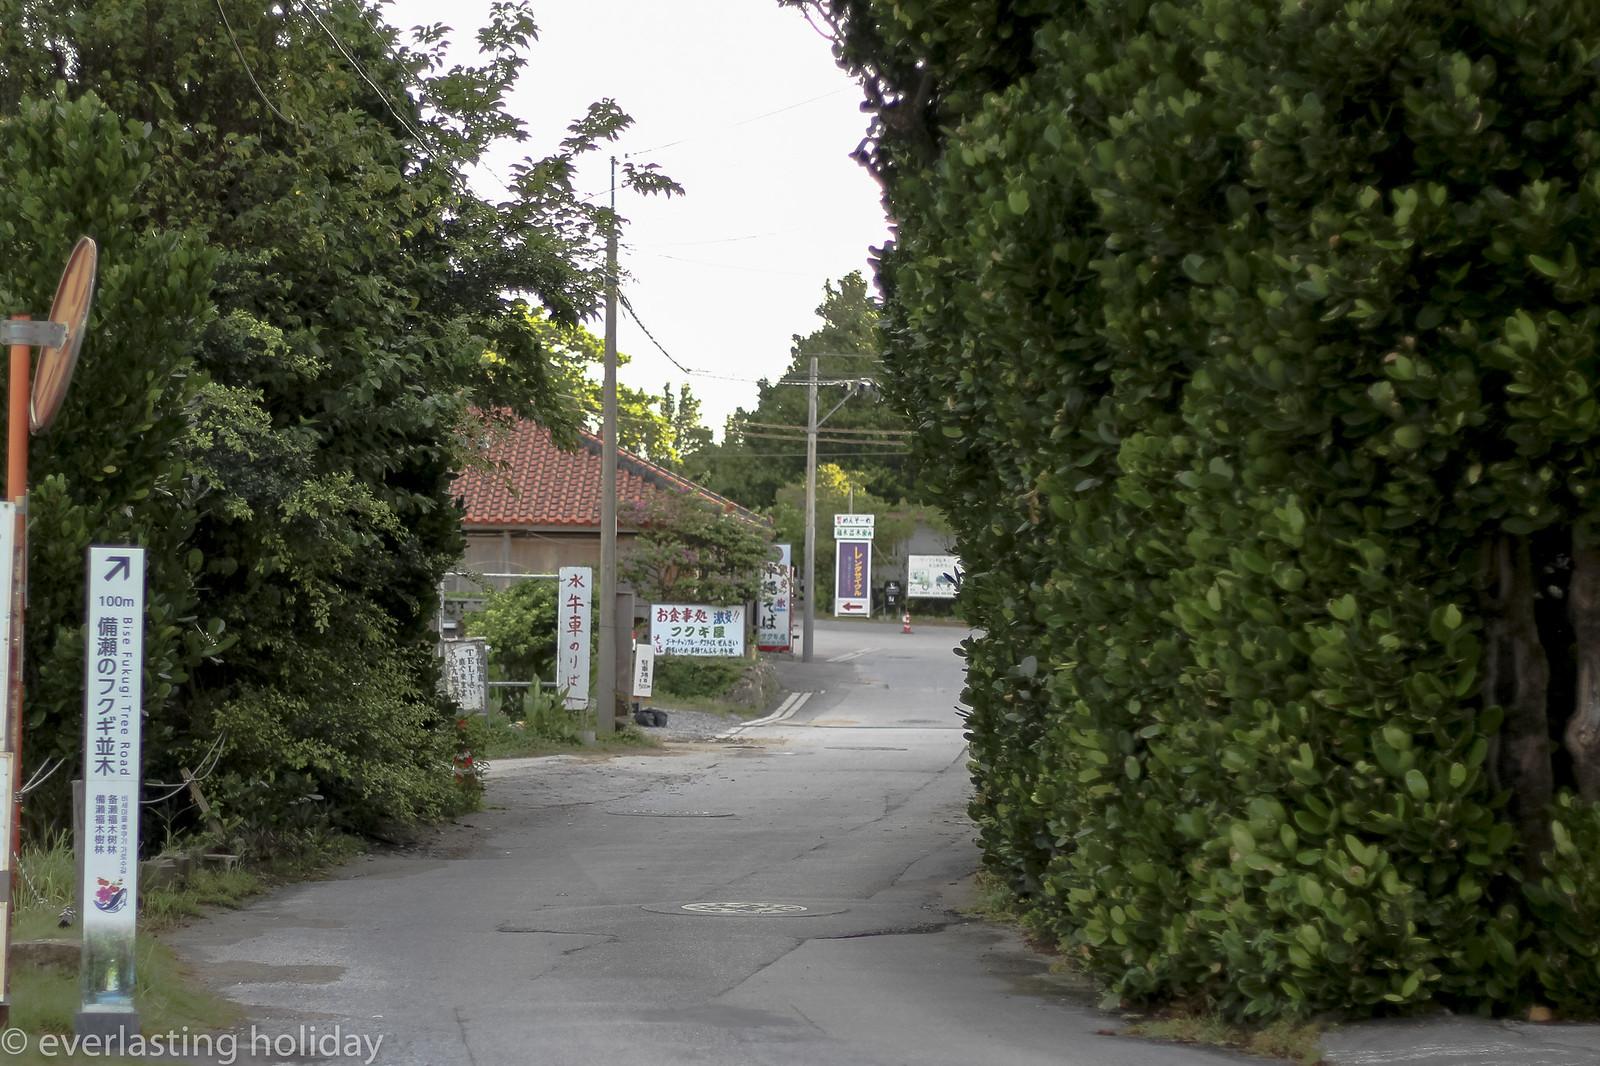 備瀬フクギ並木通り Bise Fukugi Tree Road-0003